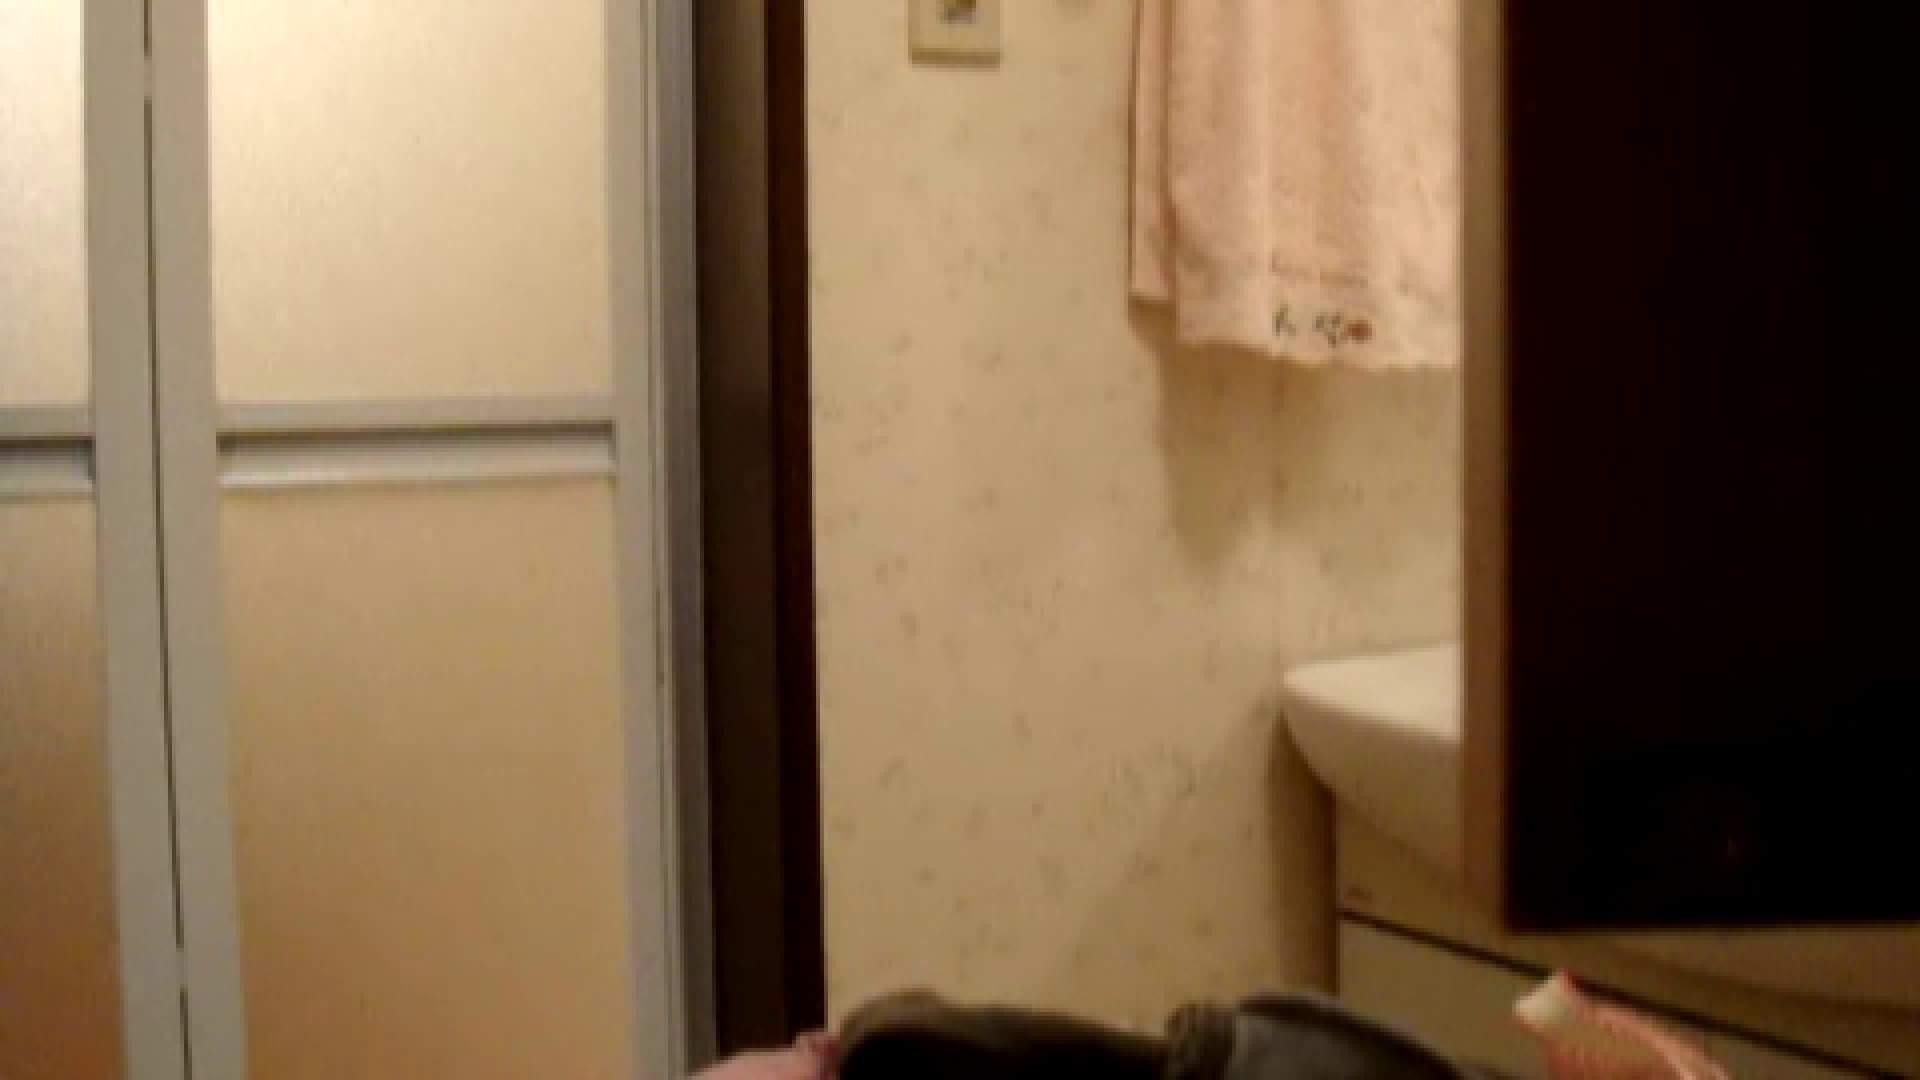 二人とも育てた甲斐がありました… vol.08 まどかの入浴中にカメラに気付いたか!? 入浴  84PIX 66